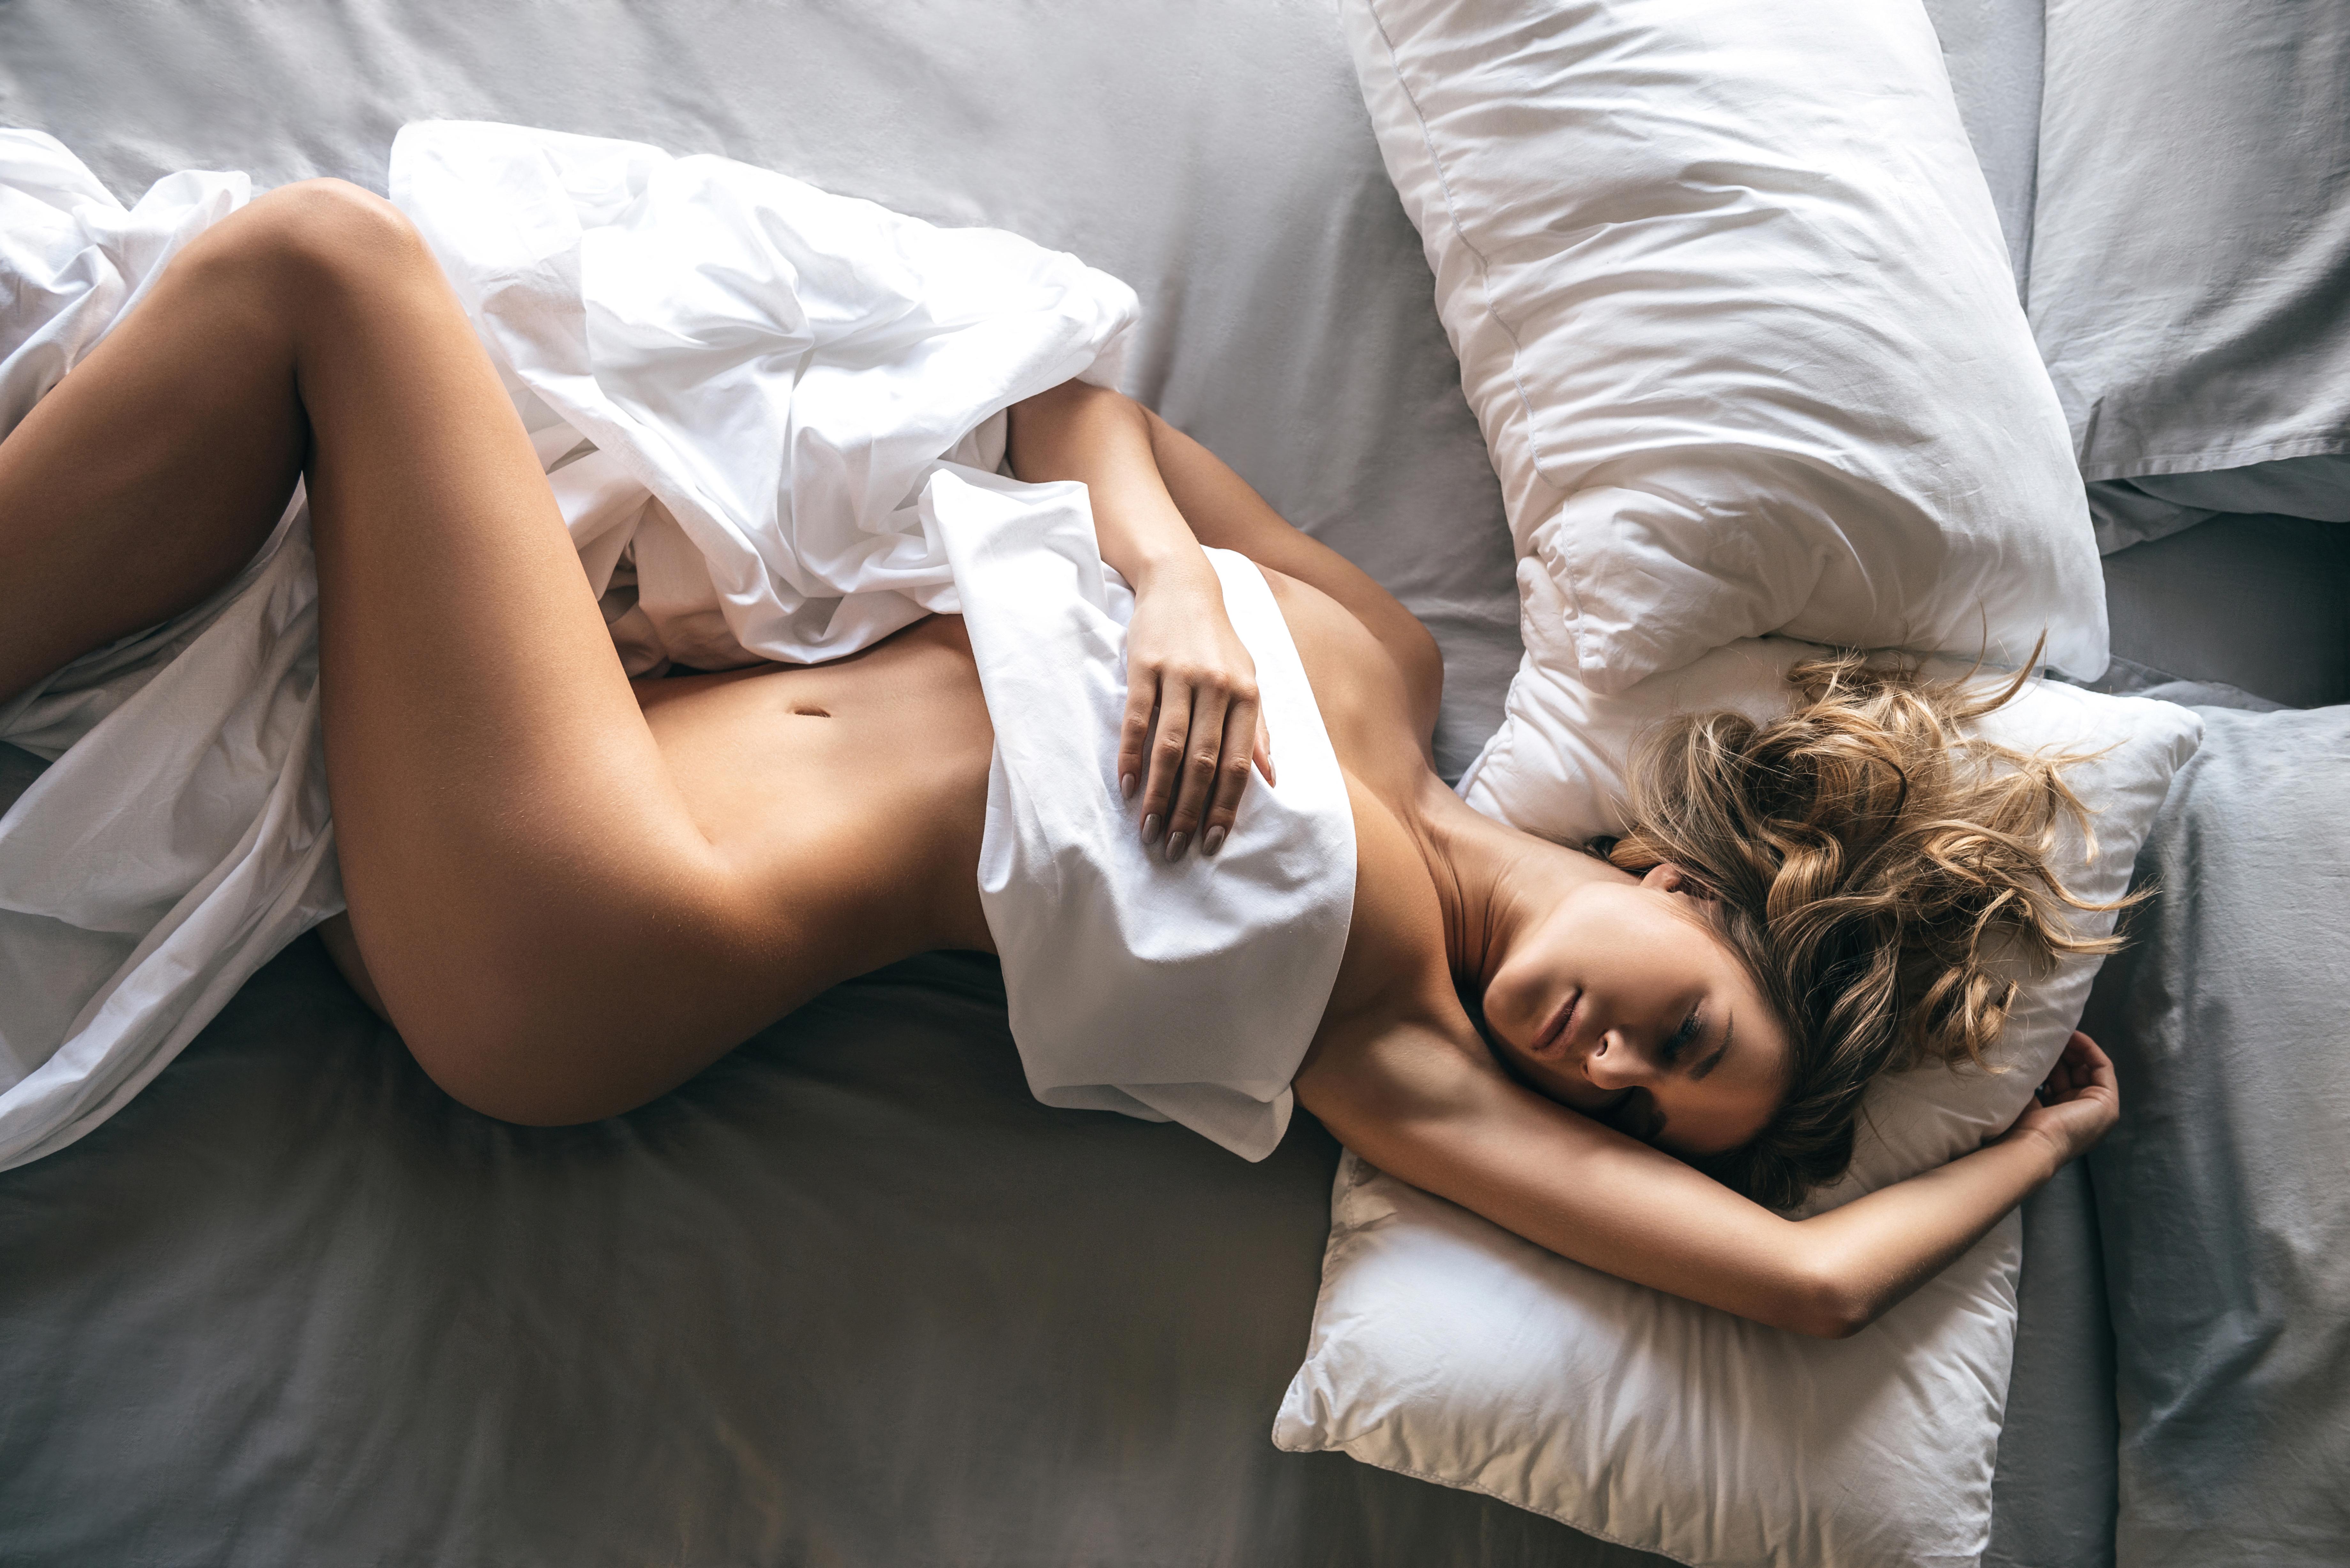 onanování velký penis černá dívka s sex videa